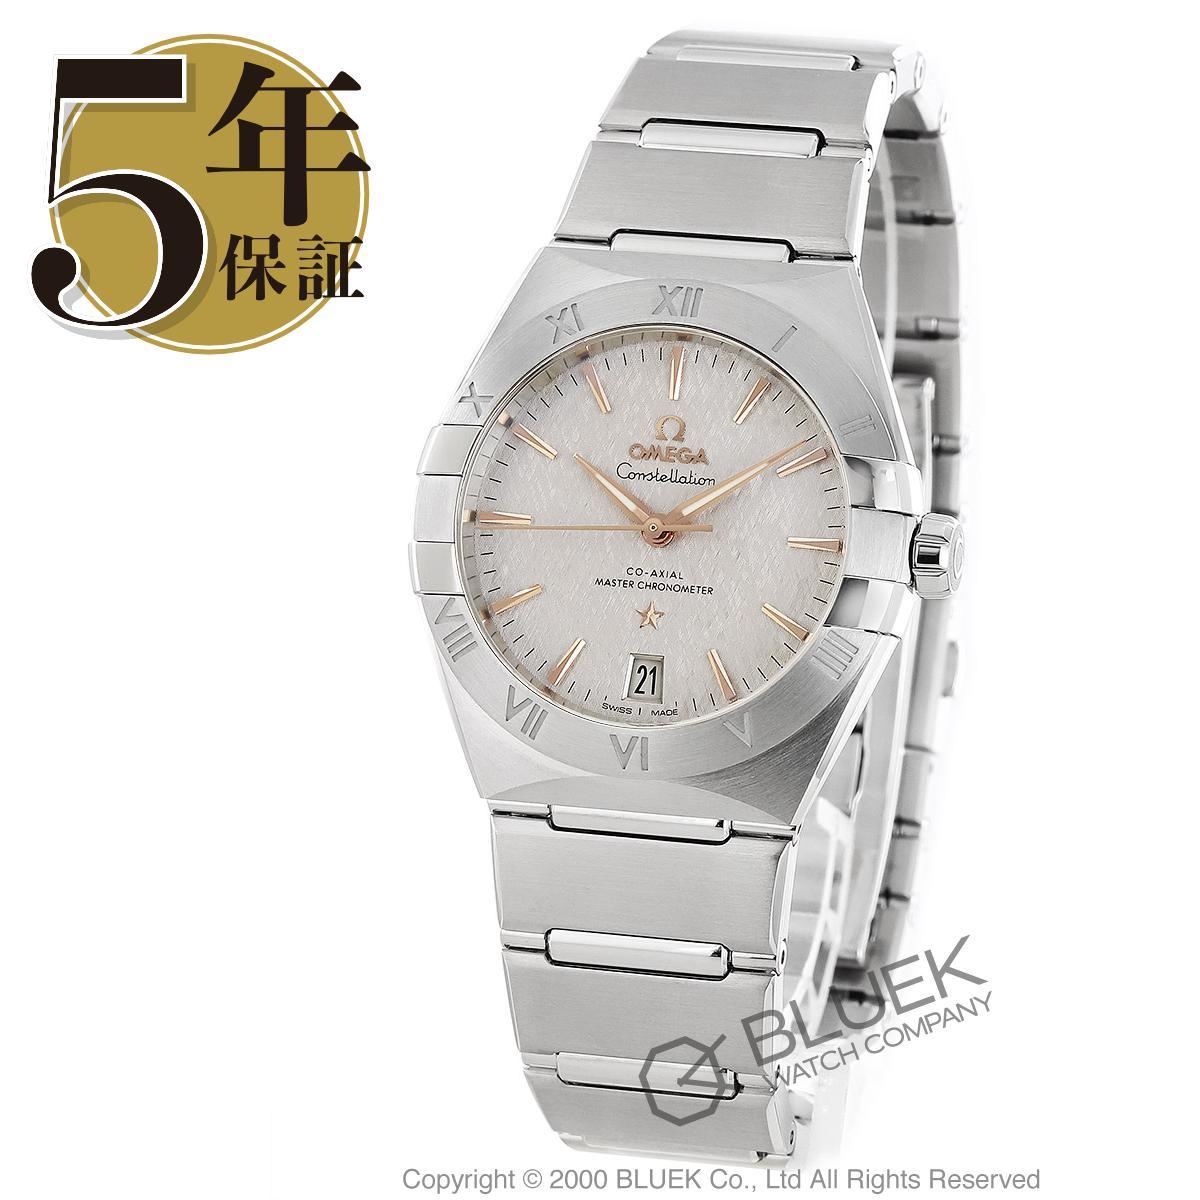 オメガ コンステレーション マスタークロノメーター 腕時計 ユニセックス OMEGA 131.10.36.20.06.001_5